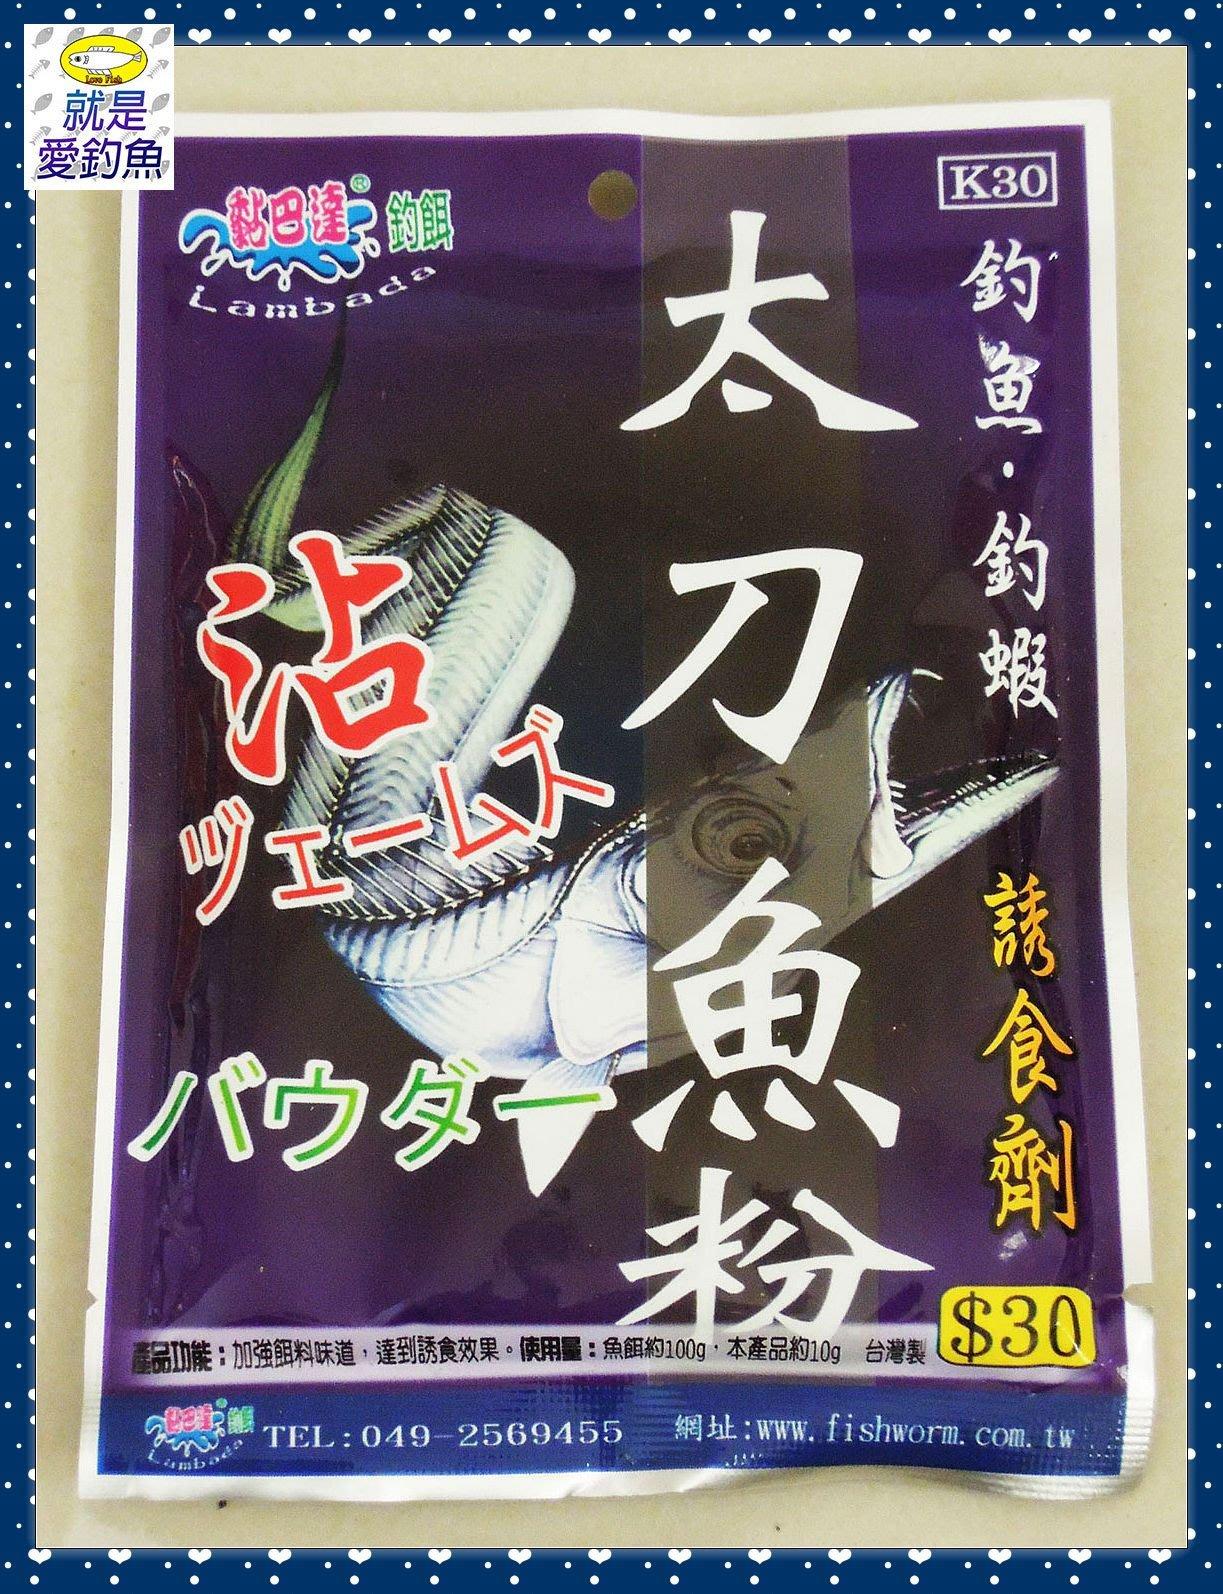 【就是愛釣魚】黏巴達 太刀魚粉 誘食劑 釣魚 釣蝦 沾粉 釣餌 台灣製